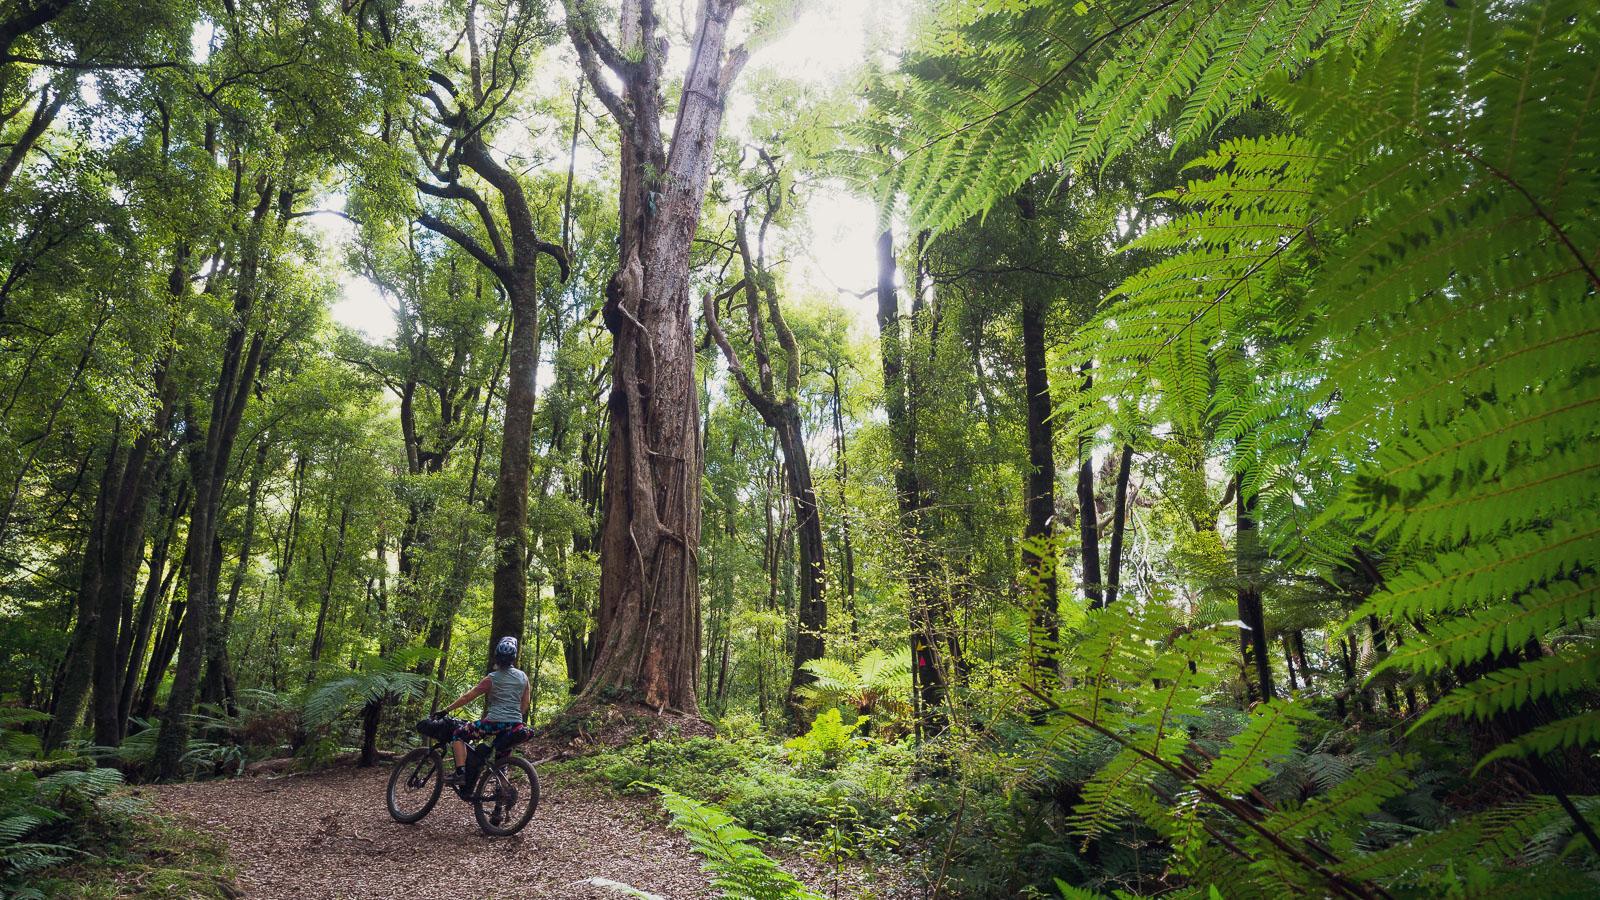 New Zealand: Bikepacking the Motu/Pakihi & Moerangi Tracks